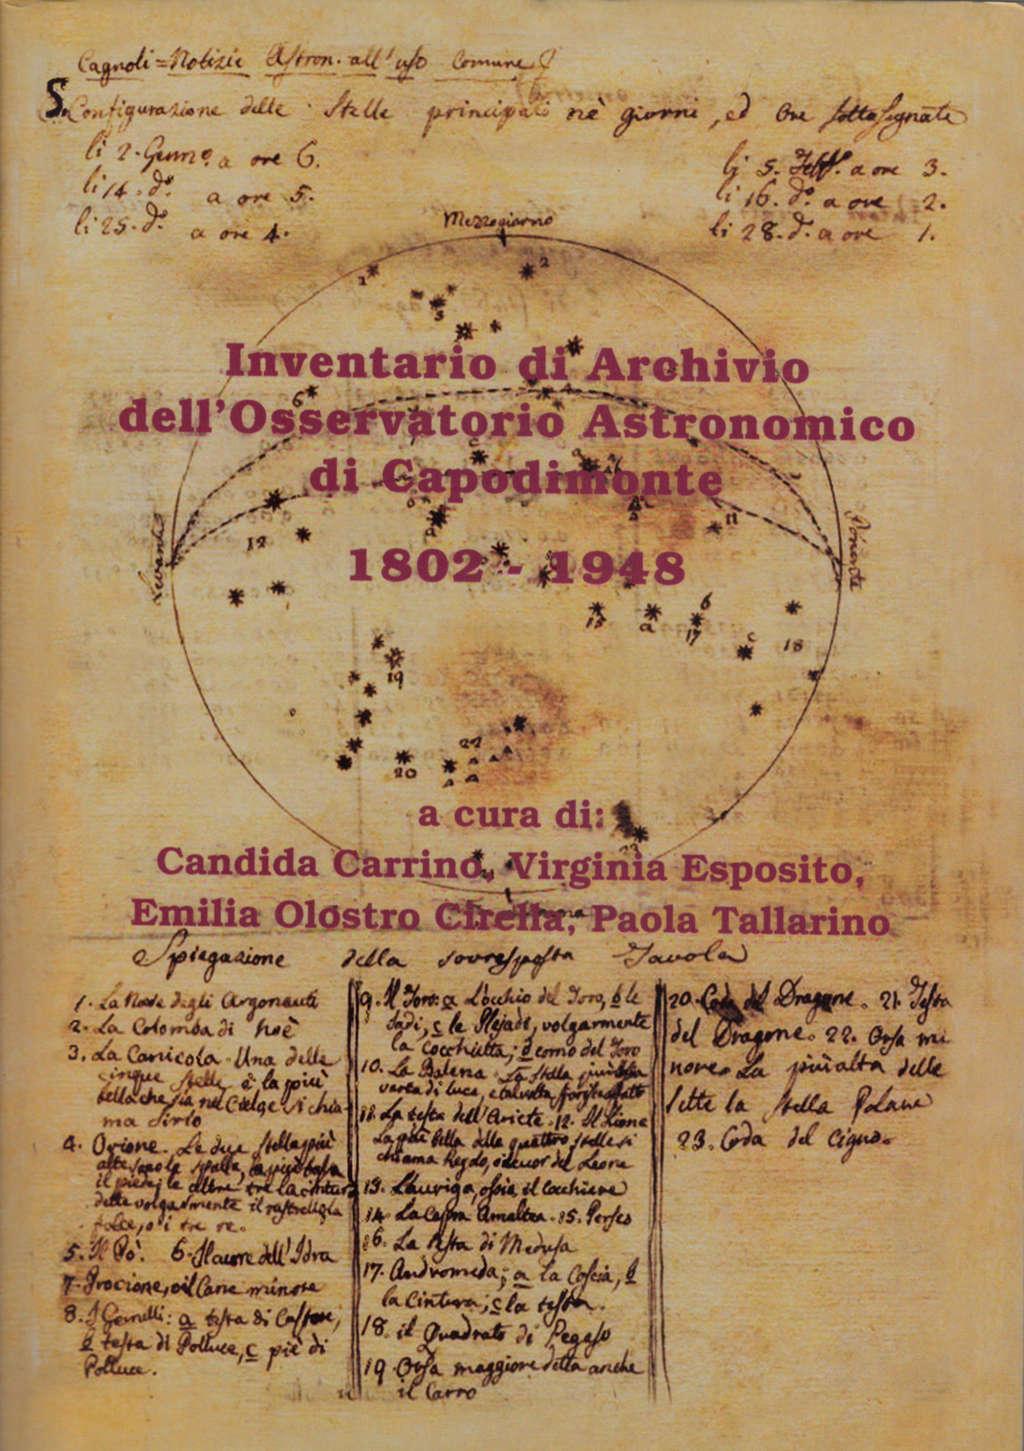 Inventario di Archivio dell'Osservatorio astronomico di Capodimonte